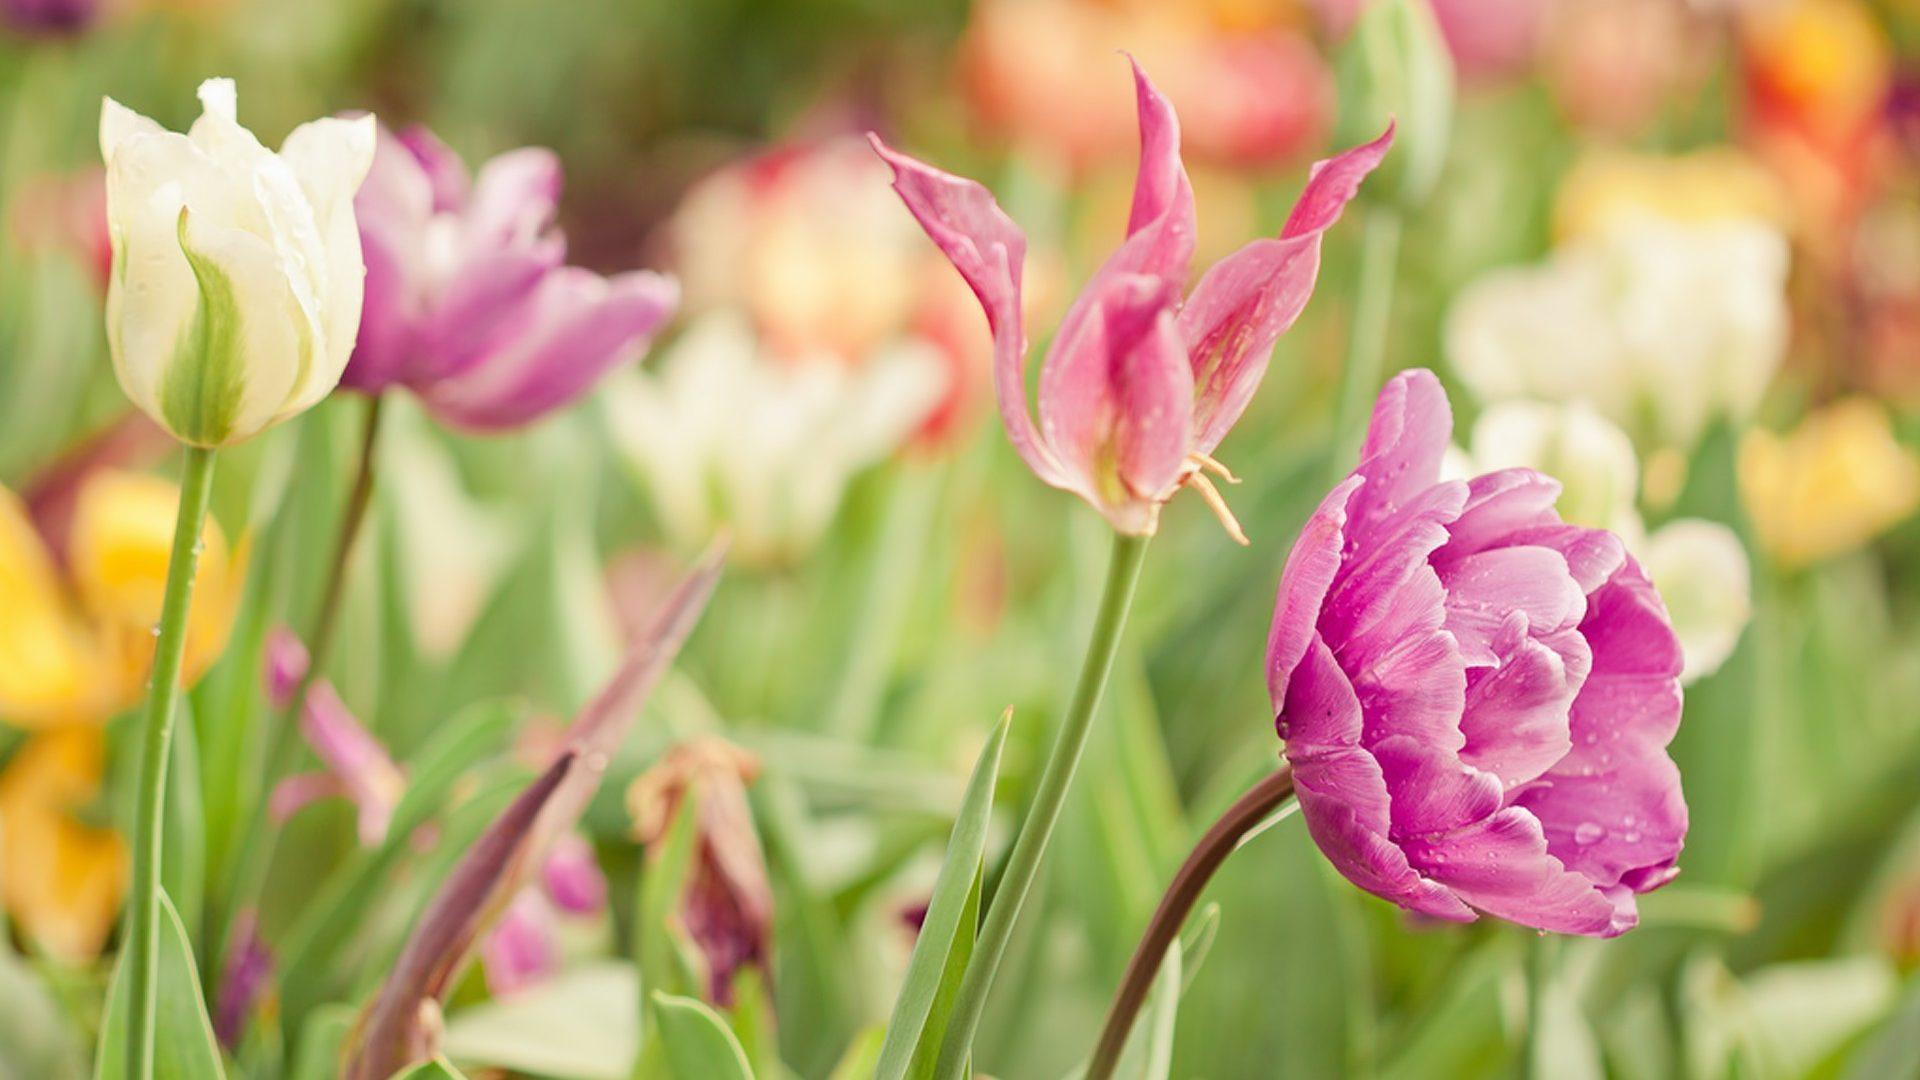 Flowers Field Beautiful Lovely Tulips Flower Desktop - Wide Vga , HD Wallpaper & Backgrounds